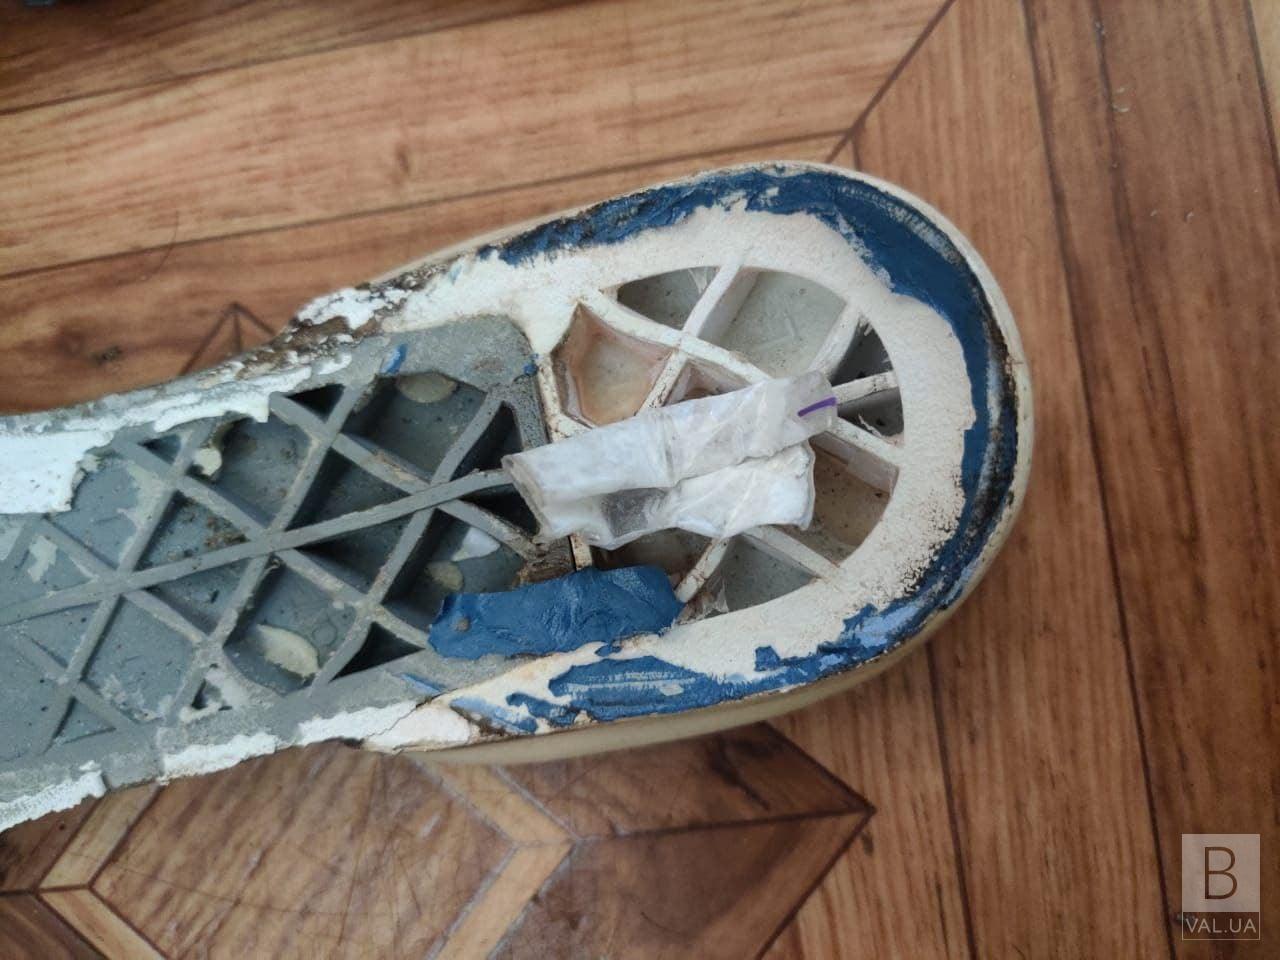 Заховали у кросівки: у Чернігівському СІЗО у посилці для ув'язненої знайшли наркотики